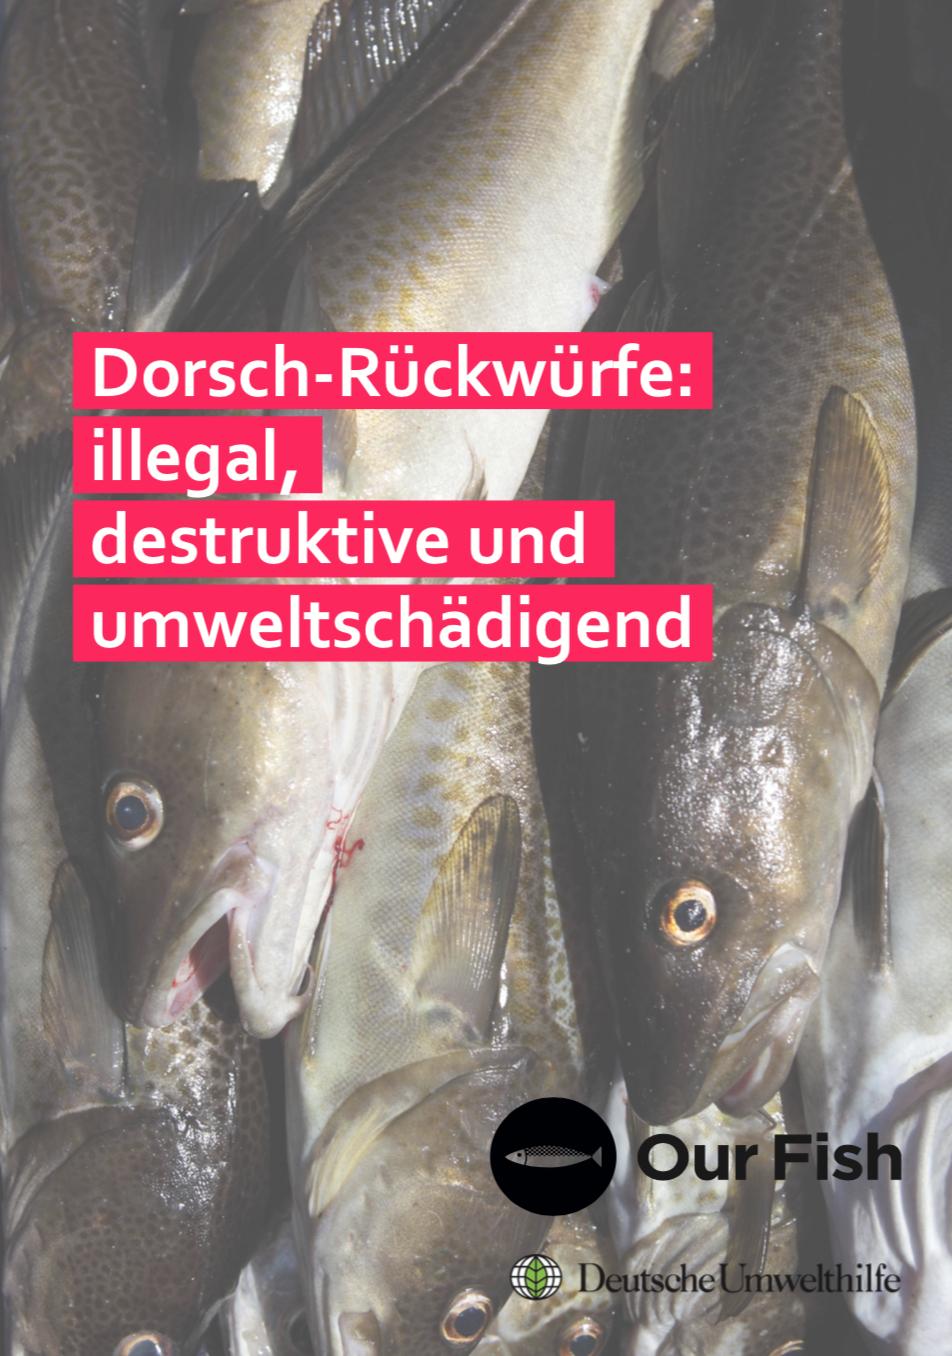 Dorsch-Rückwürfe: illegal, destruktive und umweltschädigend